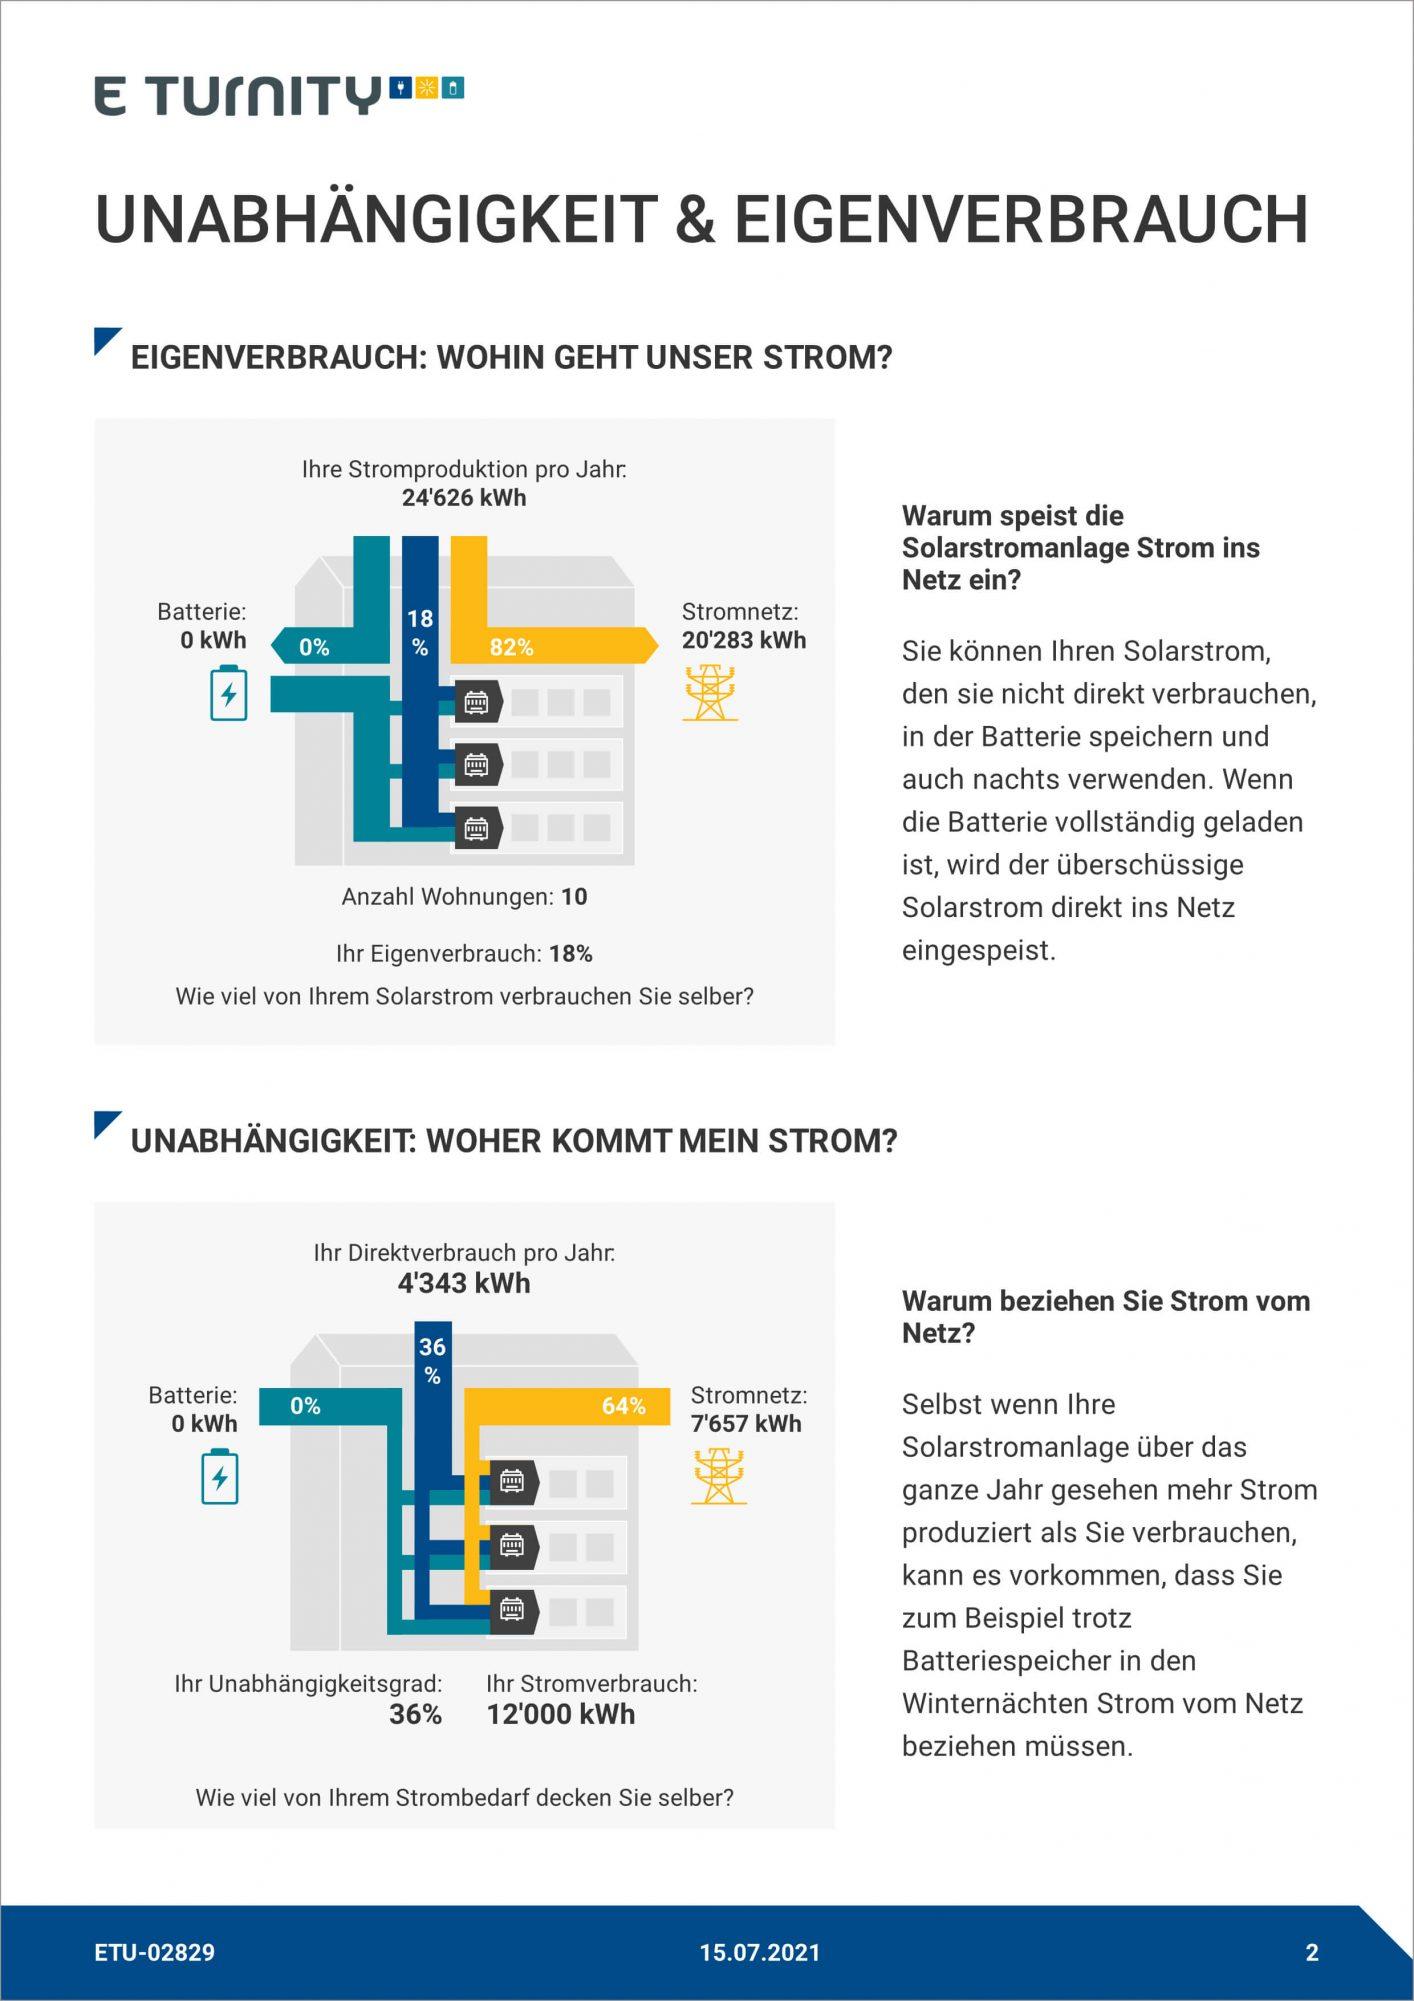 pdf-ansicht-seite-2-eigenverbrauch